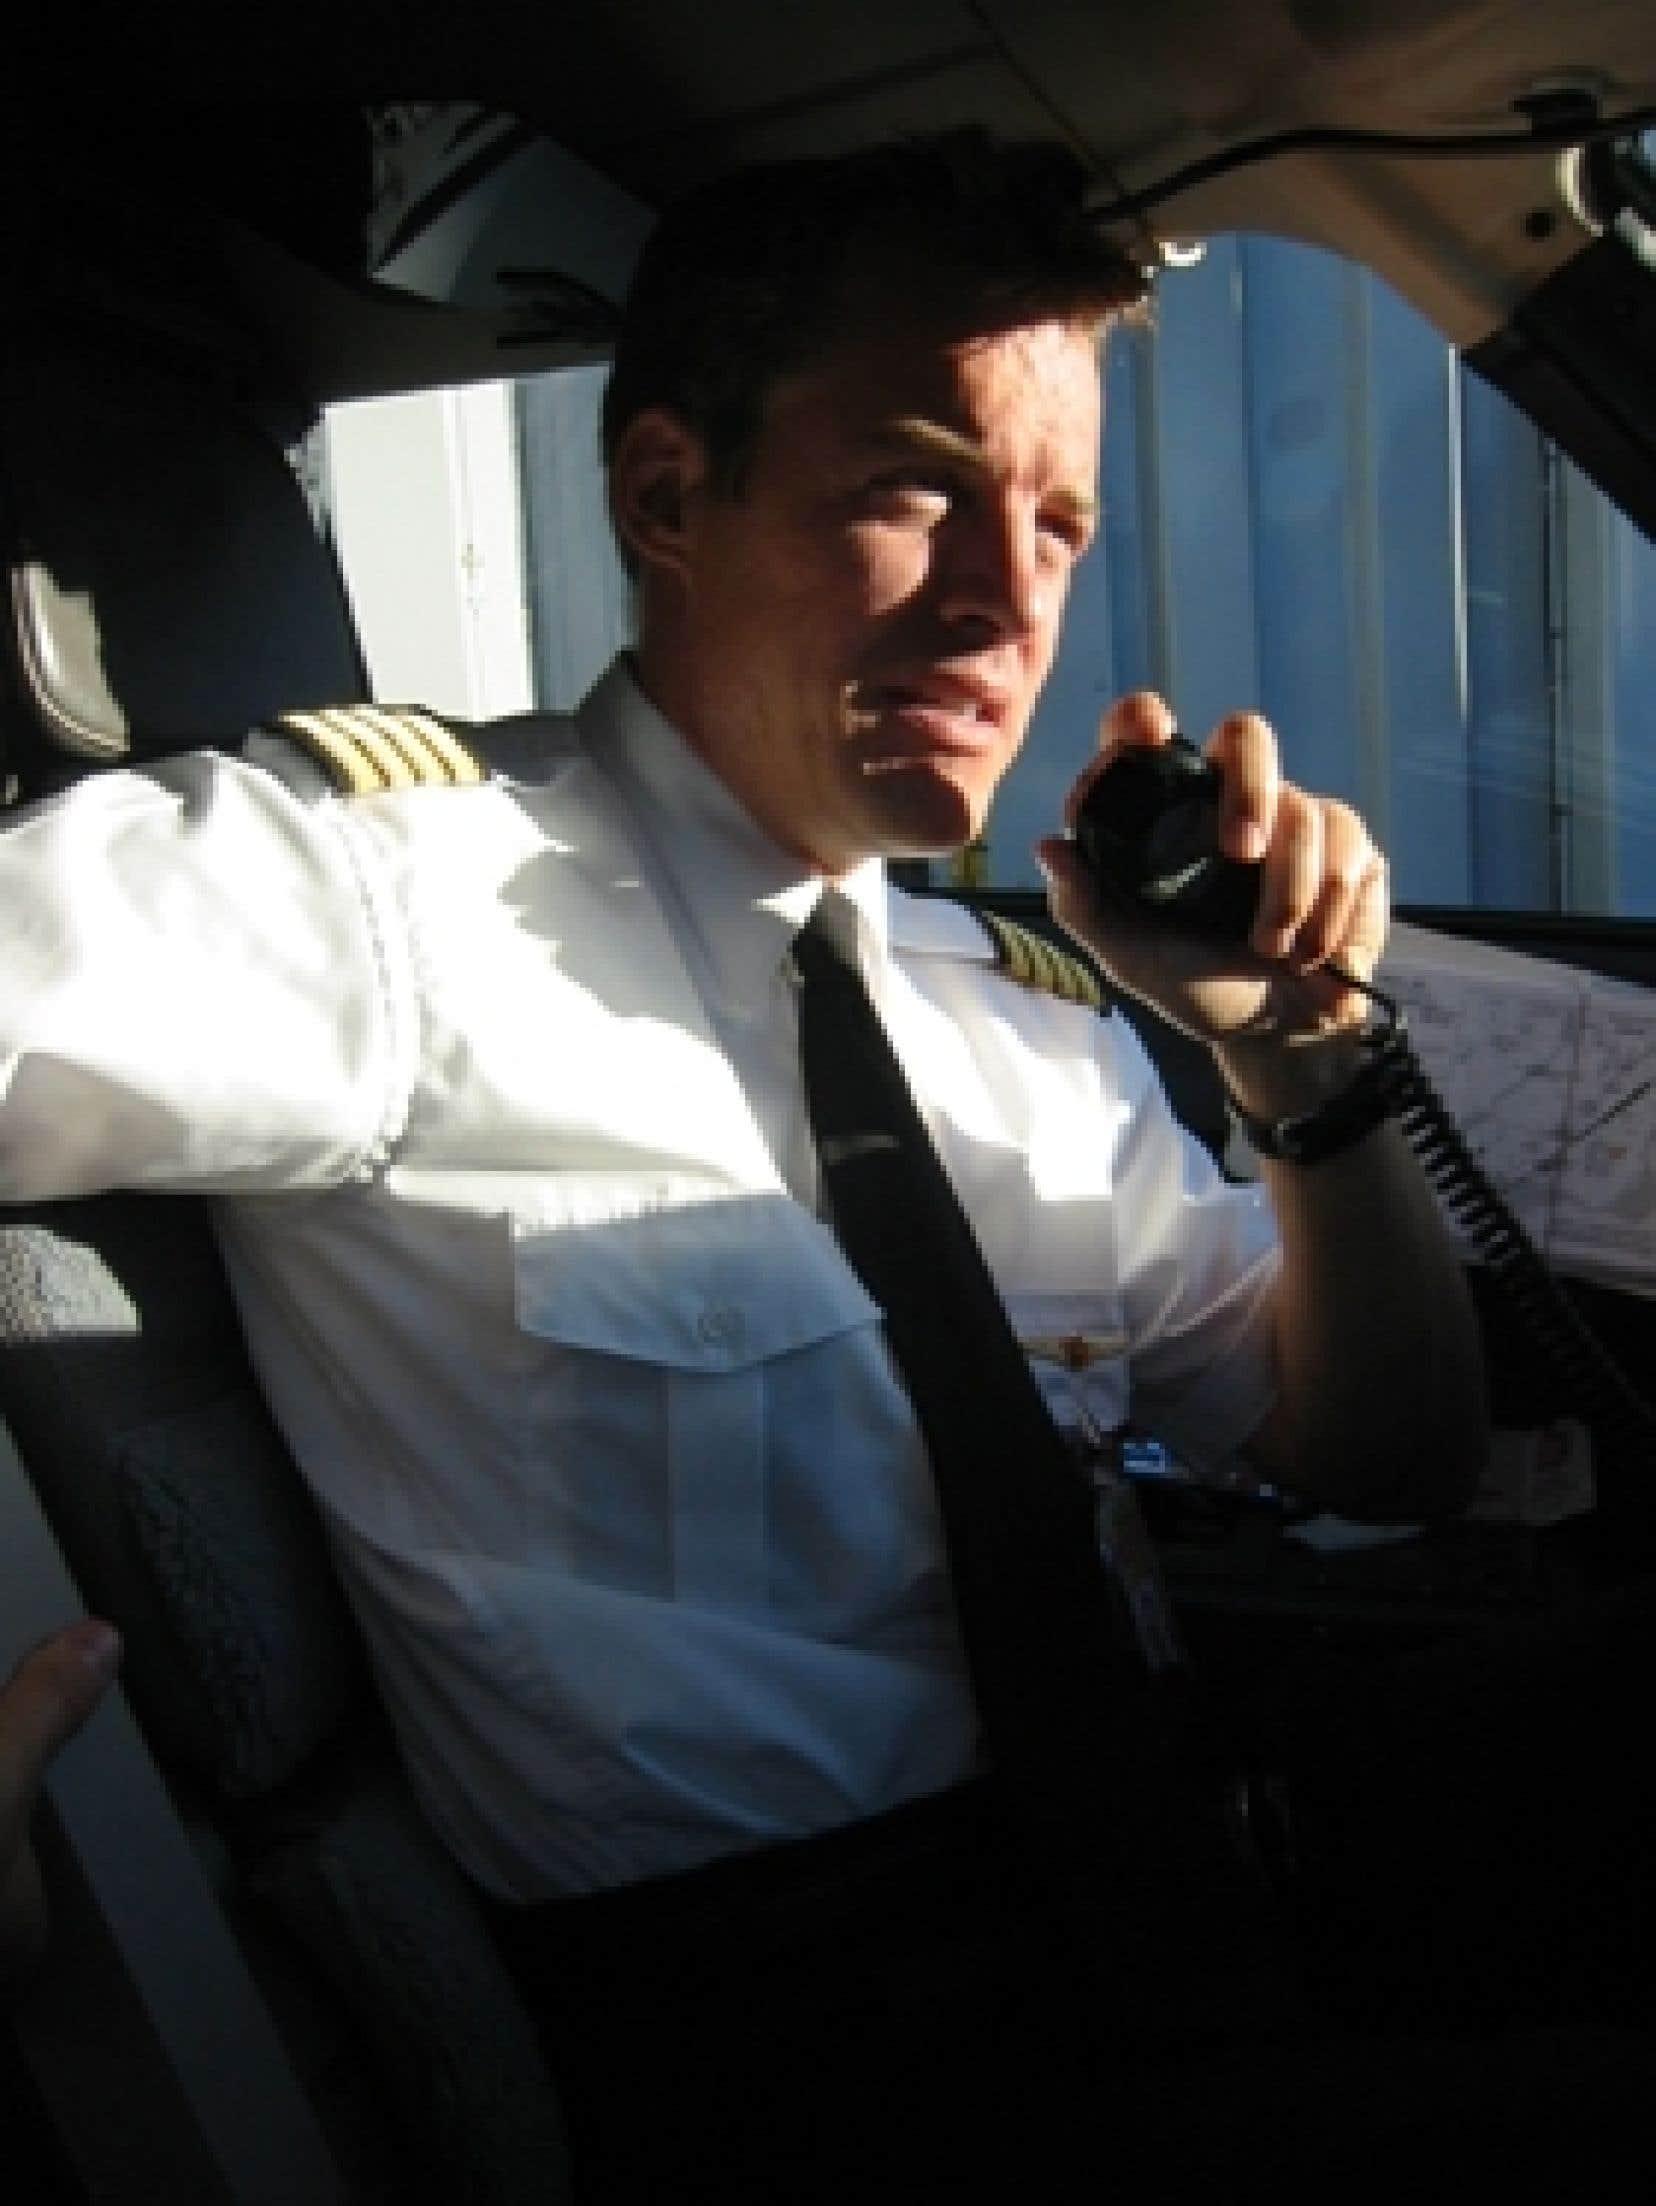 Marc-Antoine Plourde, commandant chez Air Canada, préside le Centre de recherche et de formation DePlour. L'entreprise organise notamment des séminaires pour aider à vaincre la peur de l'avion. Elle affirme afficher un taux de réussite de 95 %.